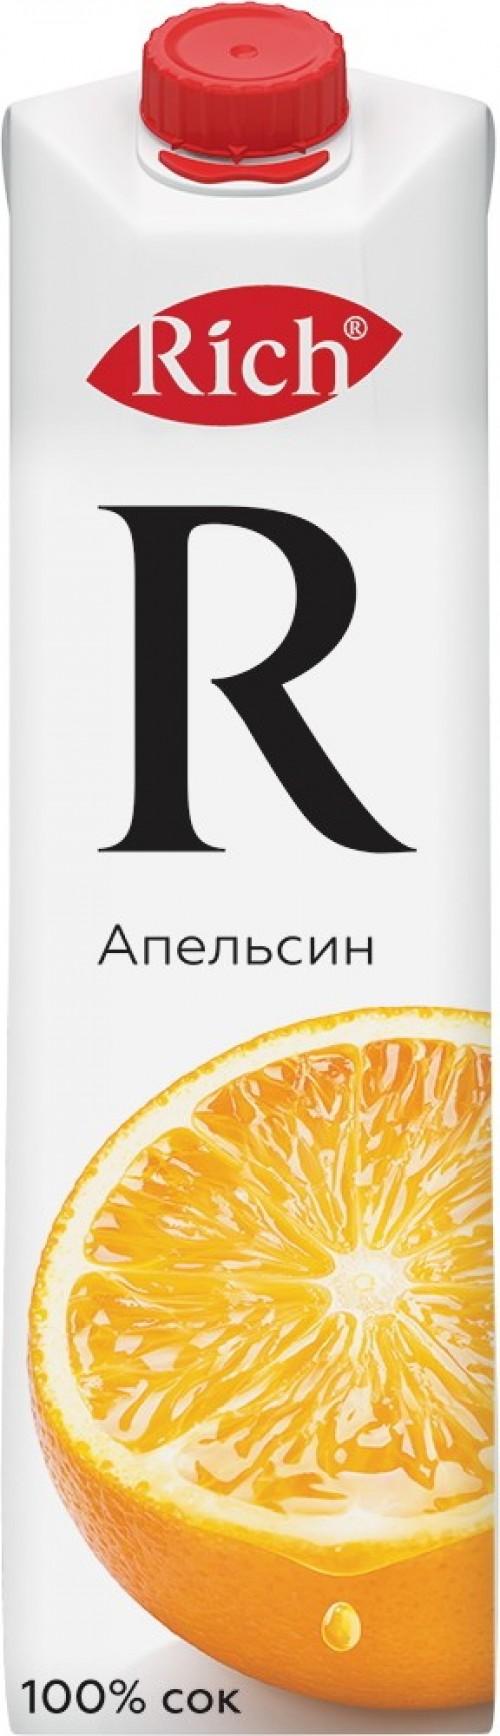 Rich апельсиновый сок 1л